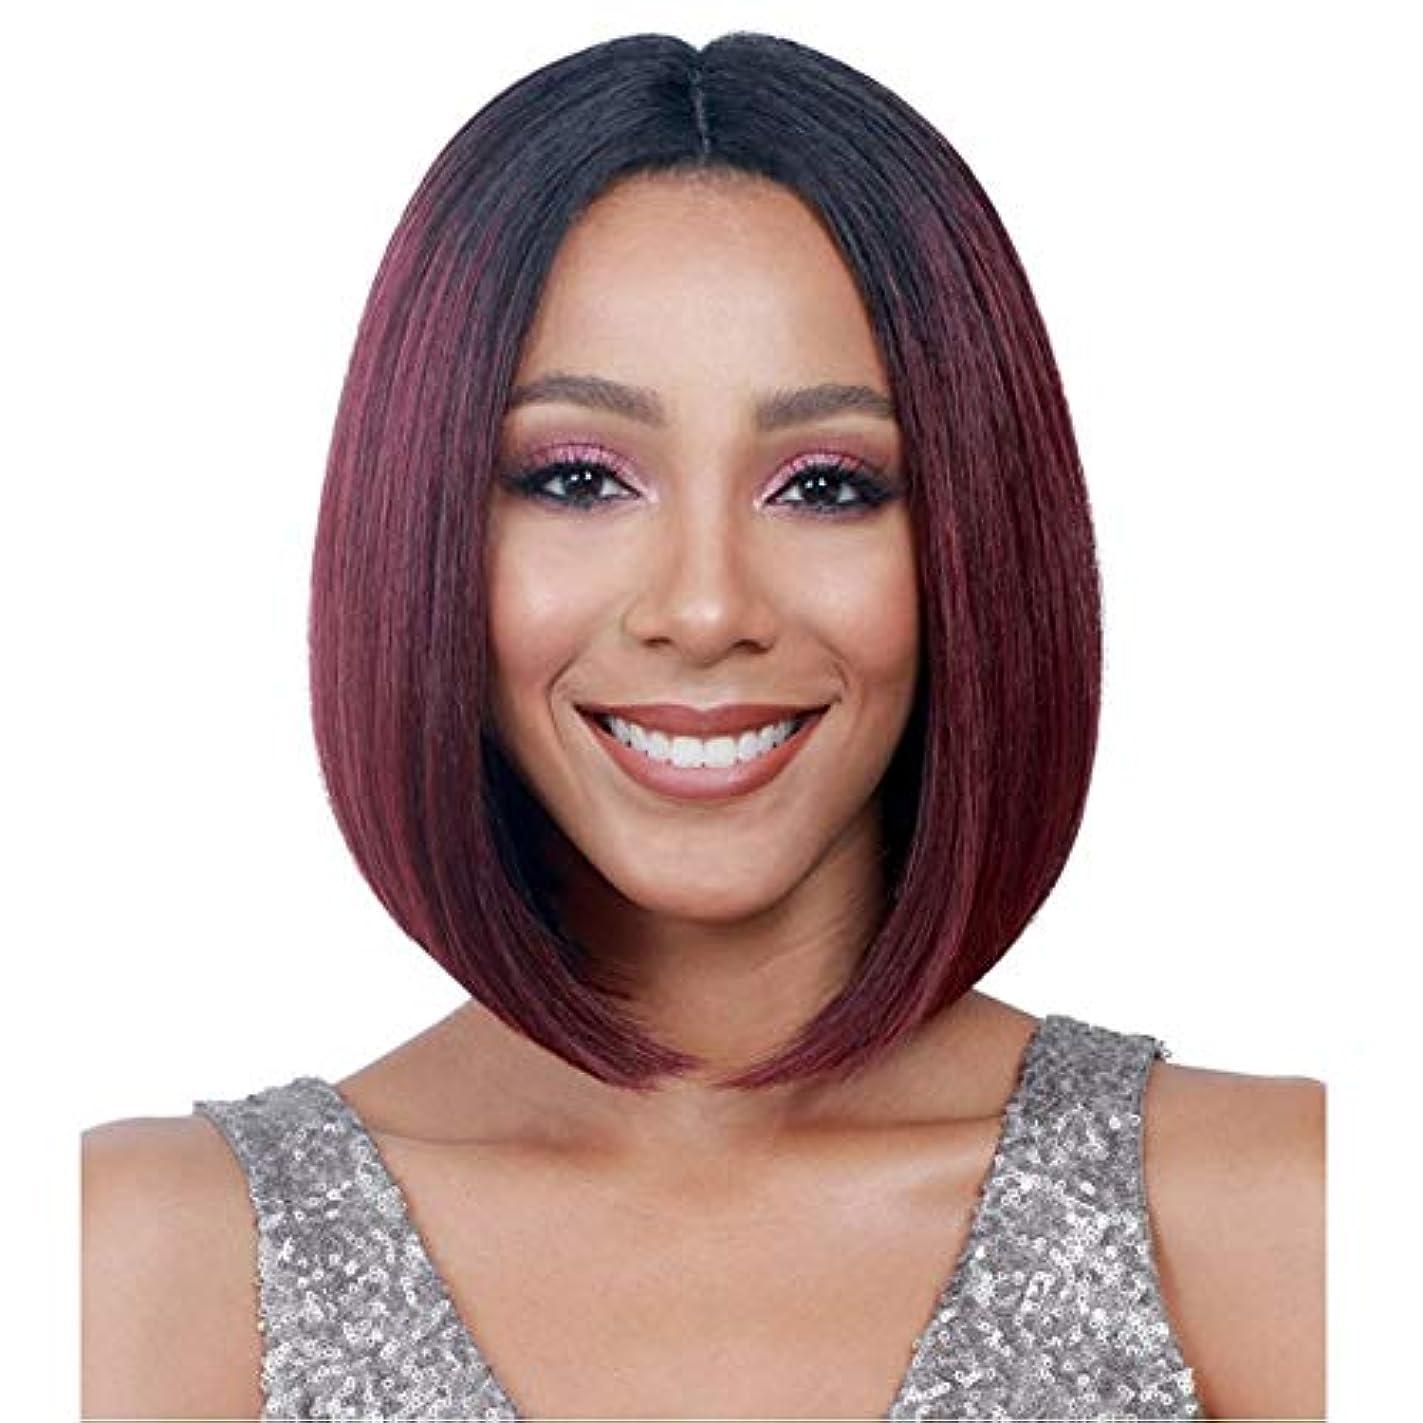 シャンパン離れて人形YOUQIU 女性黒のルーツ自然な女性の毎日のヘアウィッグのかつらのためにワインレッドボブウィッグ (色 : ワインレッド)